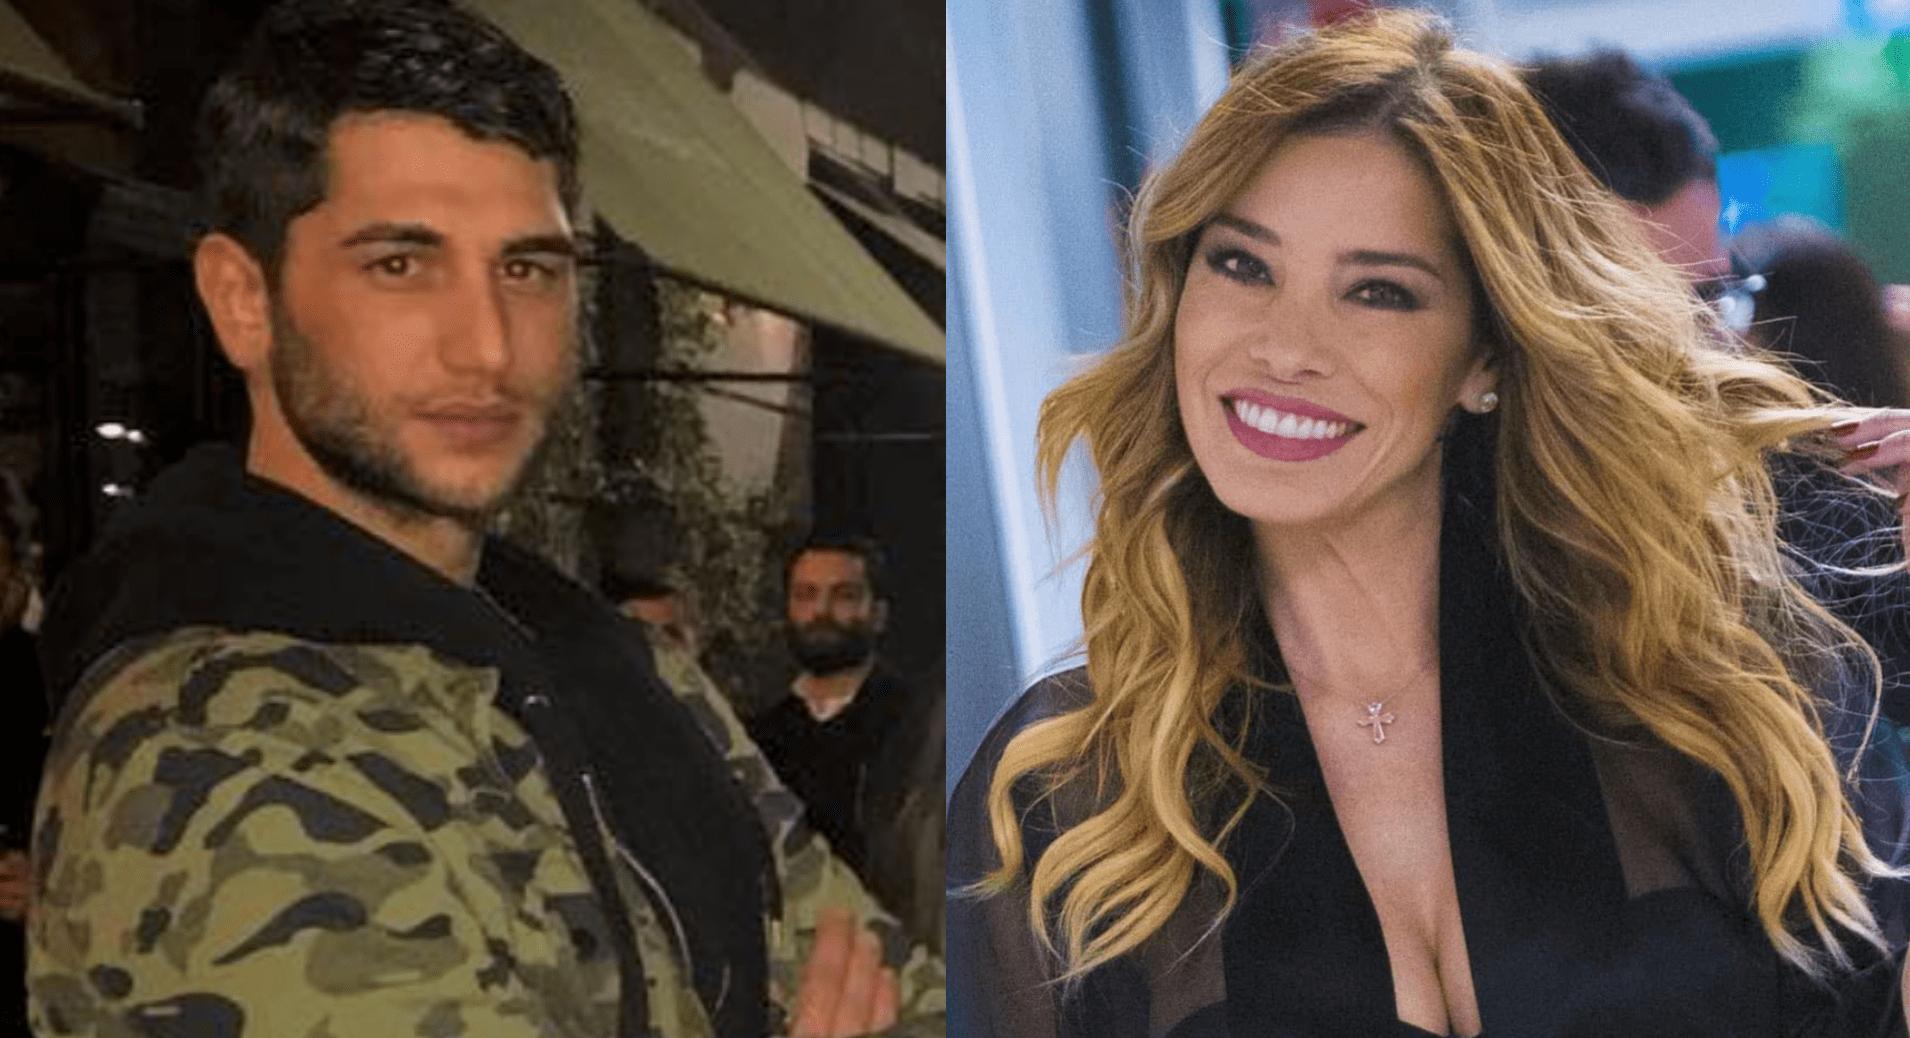 Aida Yespica e Jeremias Rodriguez fidanzati dopo il GF Vip 2? Avvistati insieme a Milano